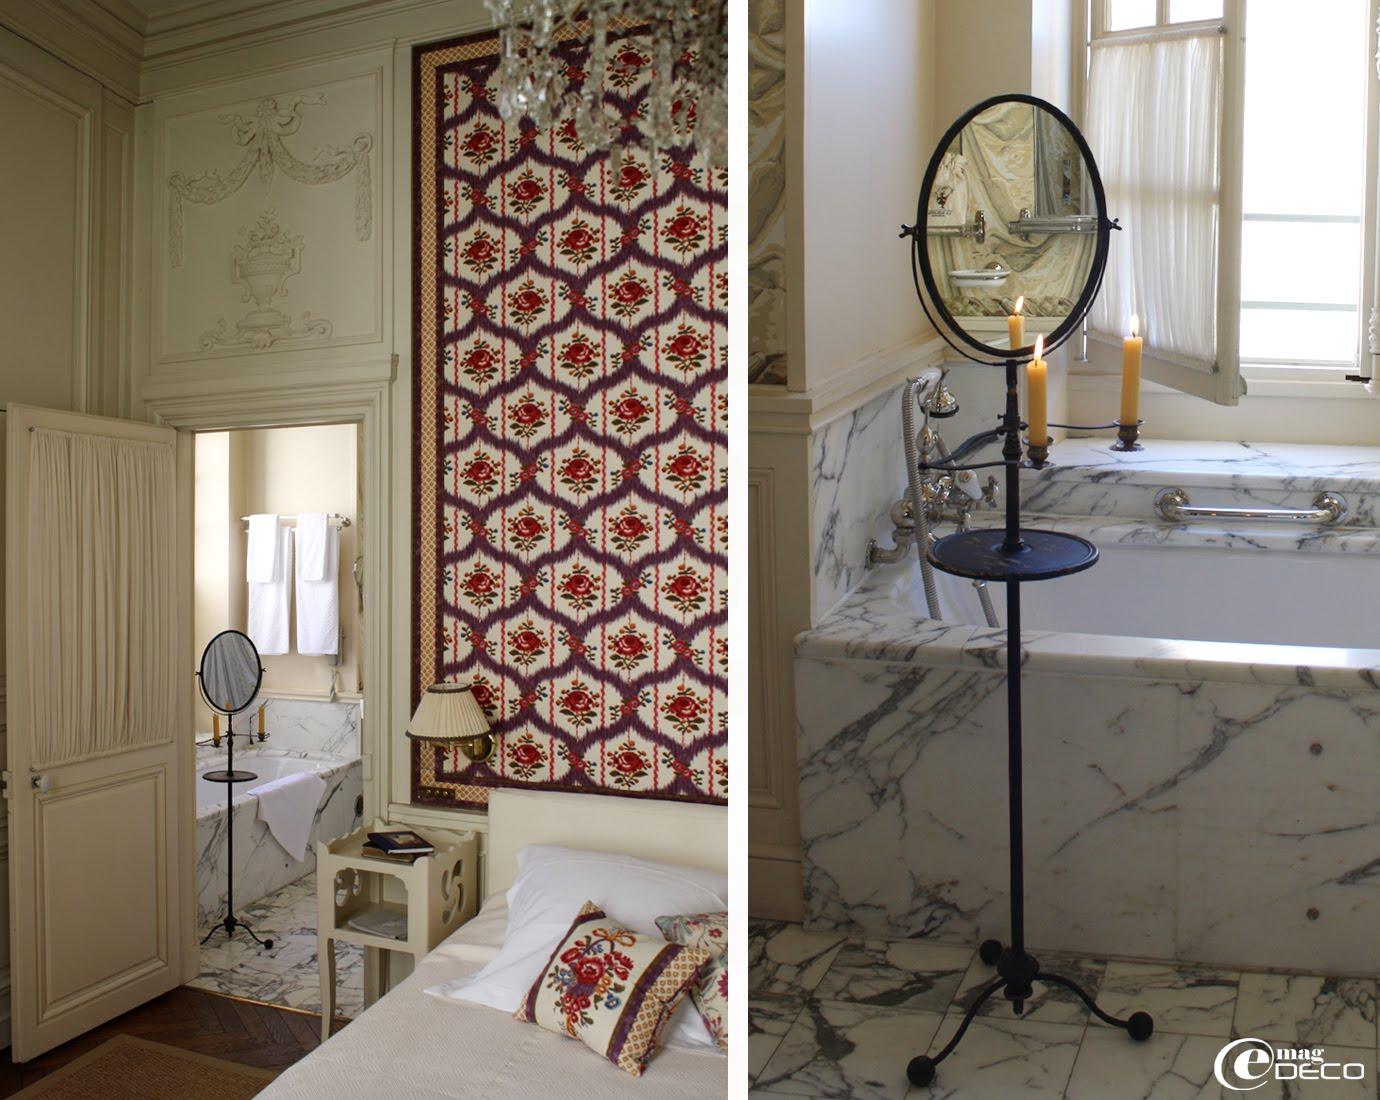 Salle de bain garnie de carreaux de marbre de Carrare Arabesco